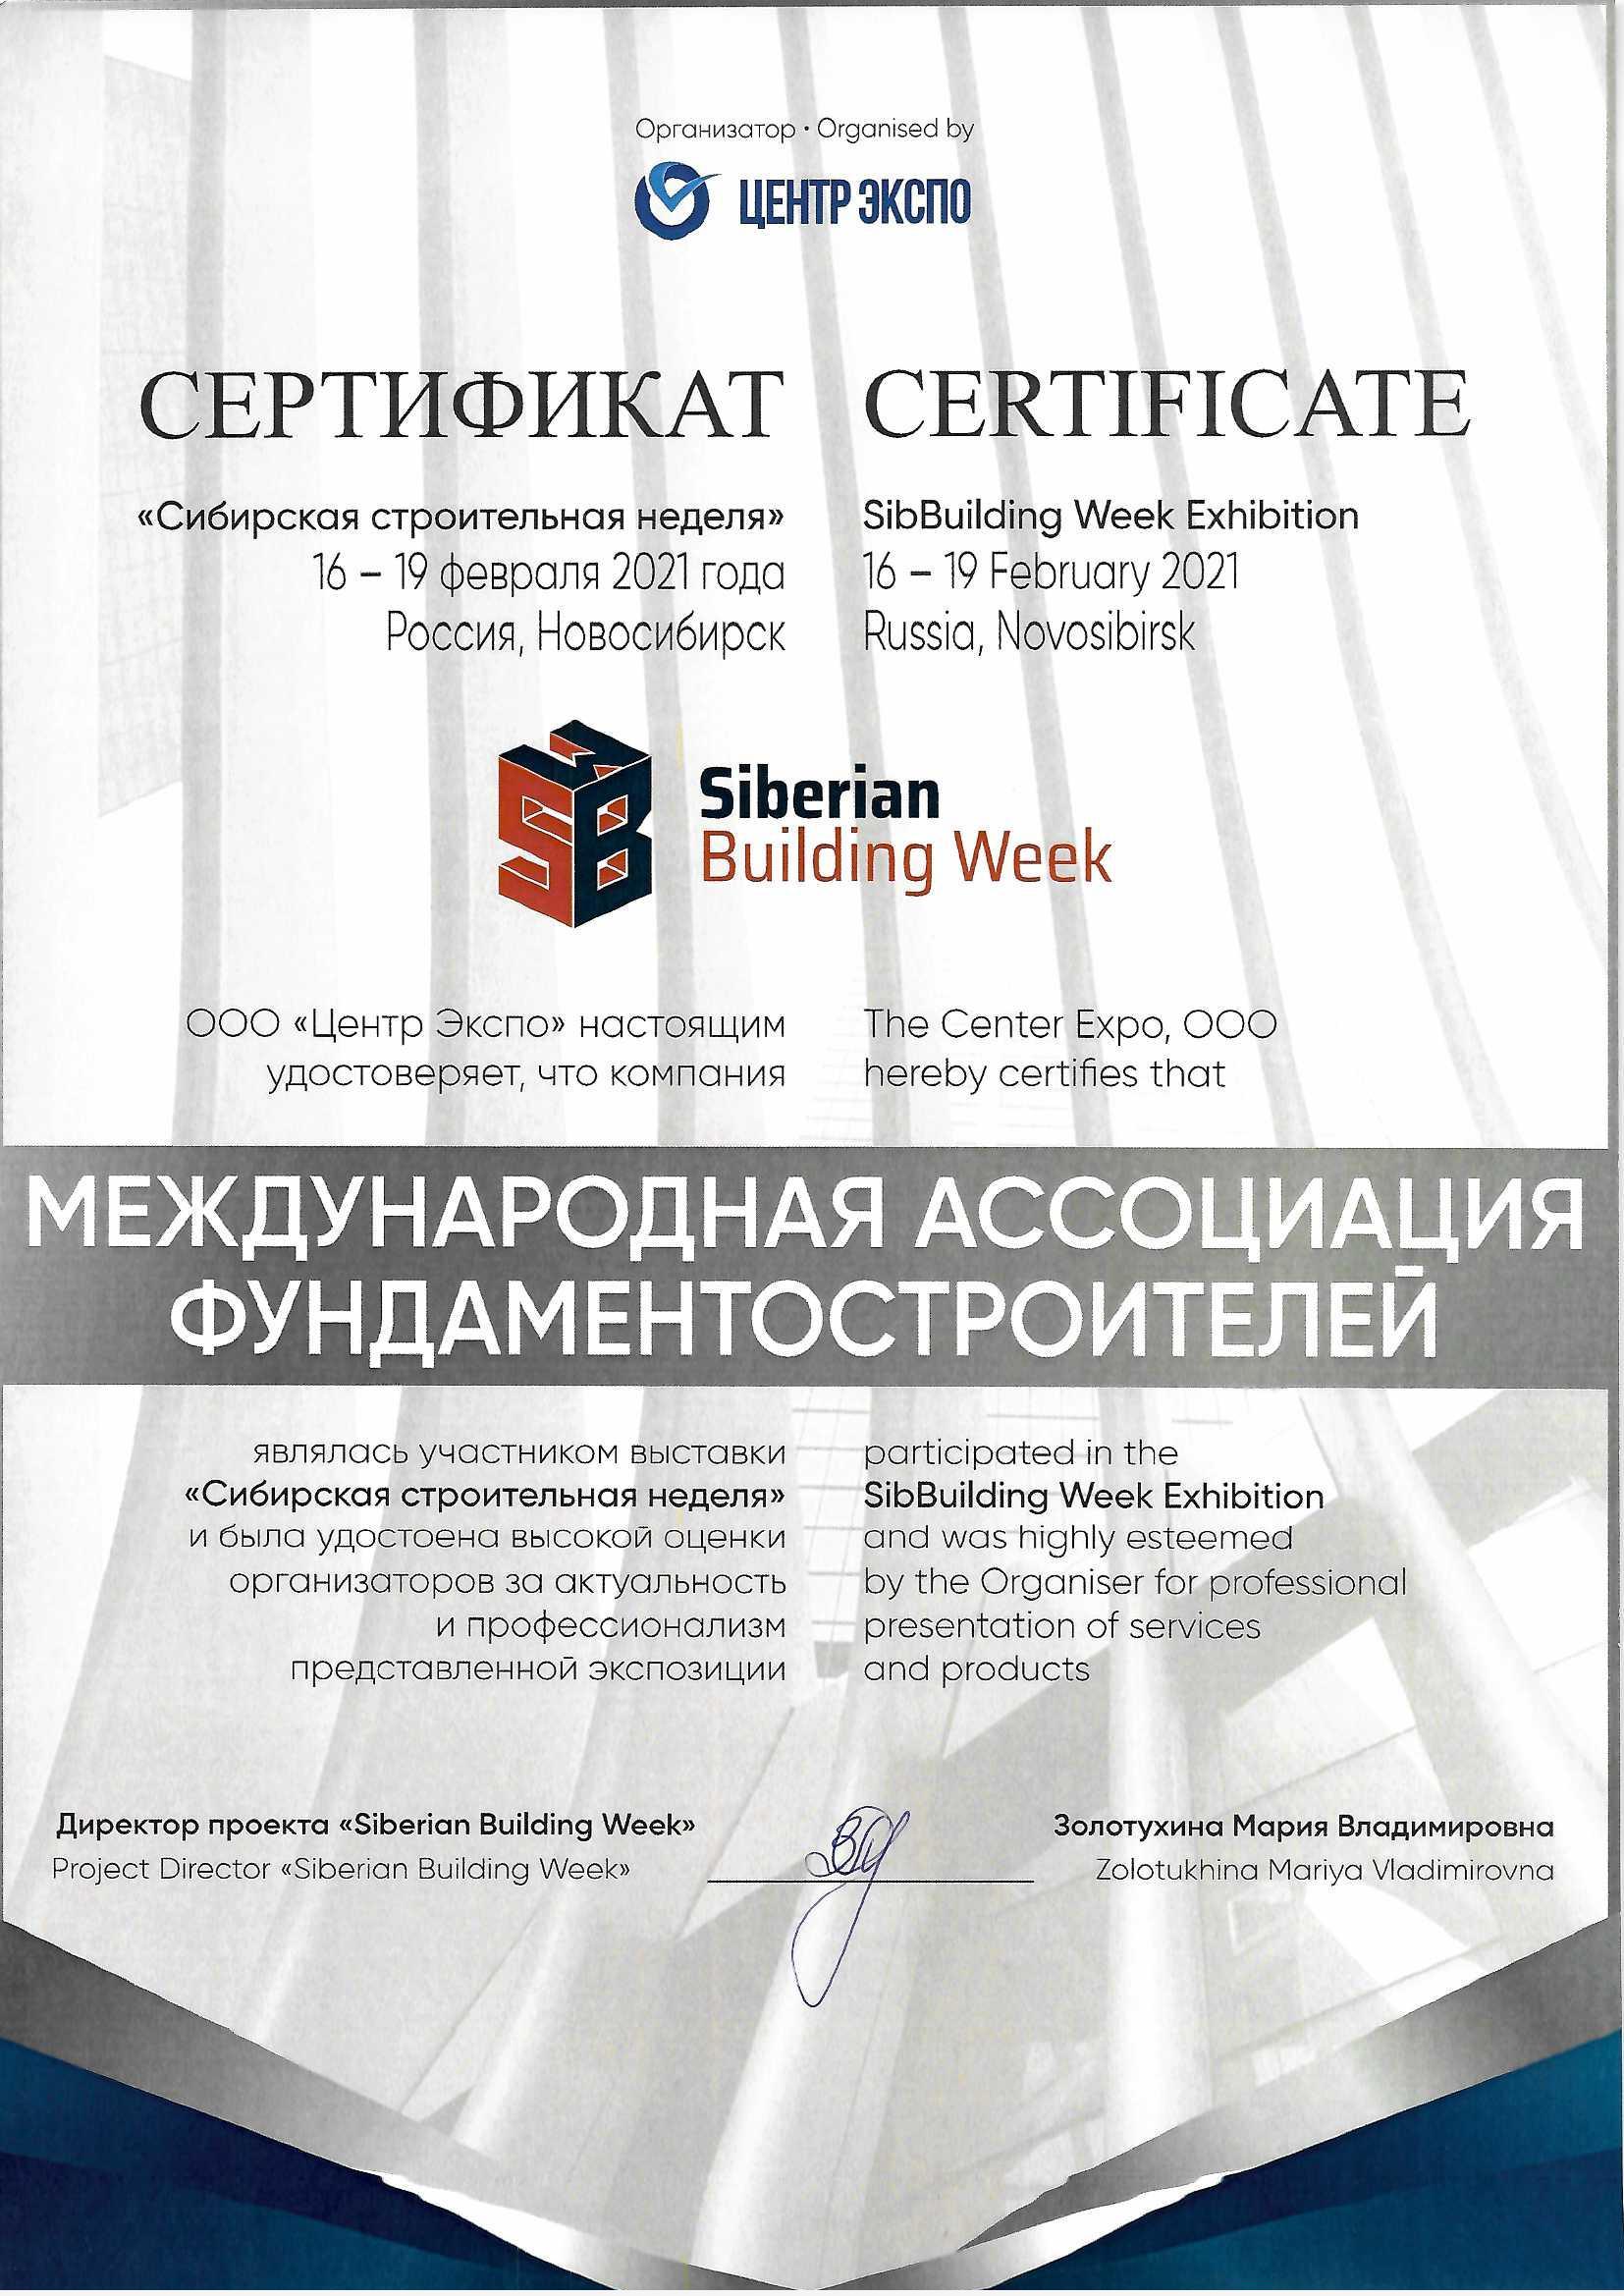 SIBERIAN BUILDING WEEK